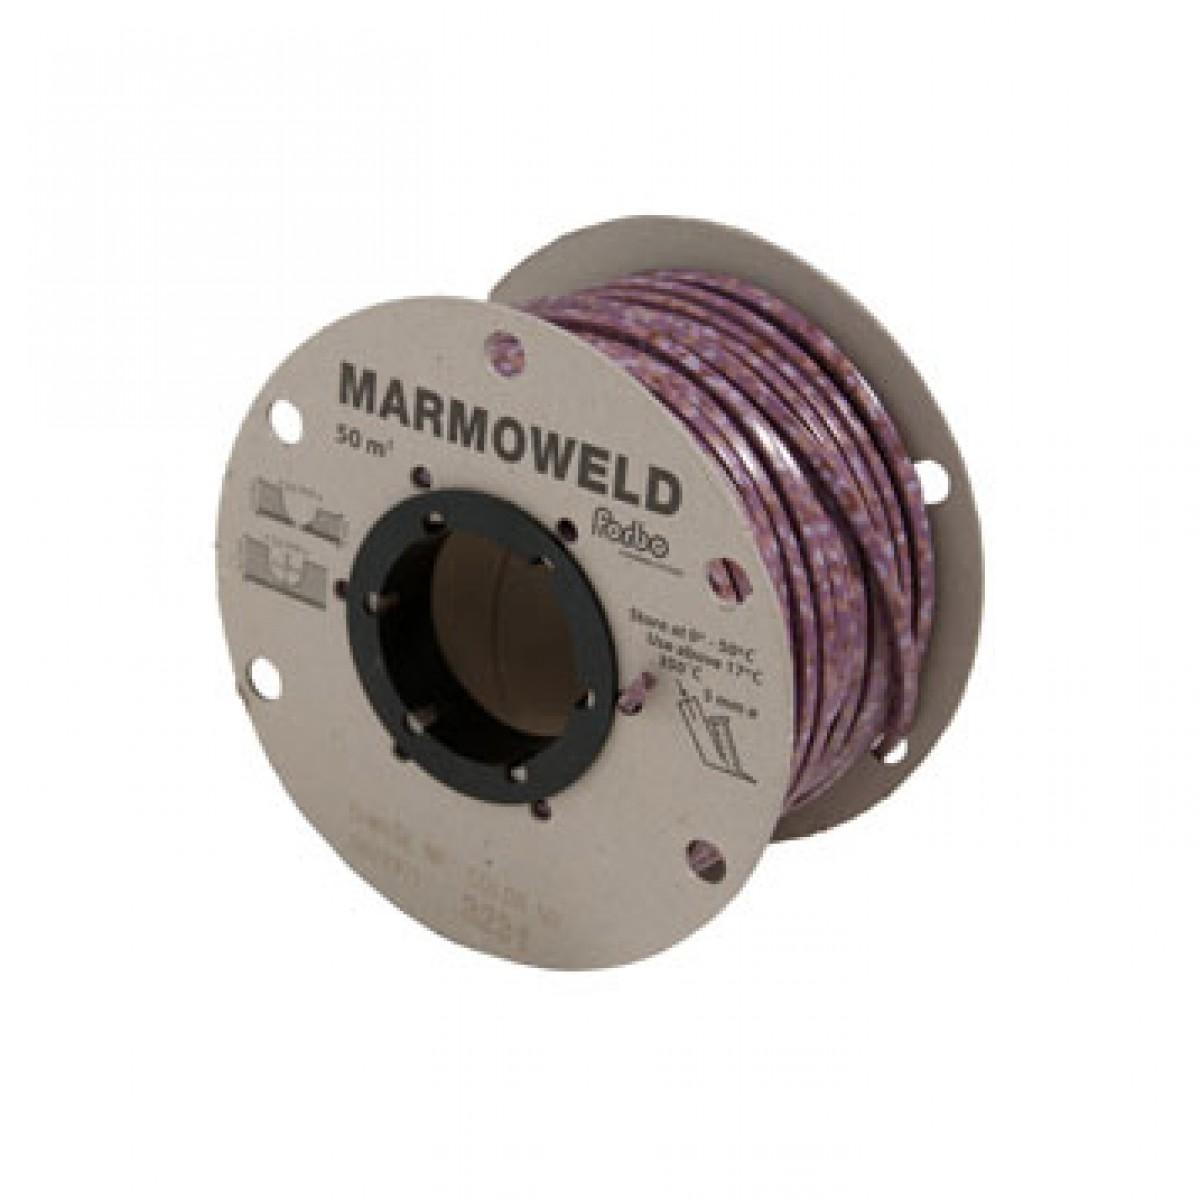 Marmoleum Weld Rod Multi Color